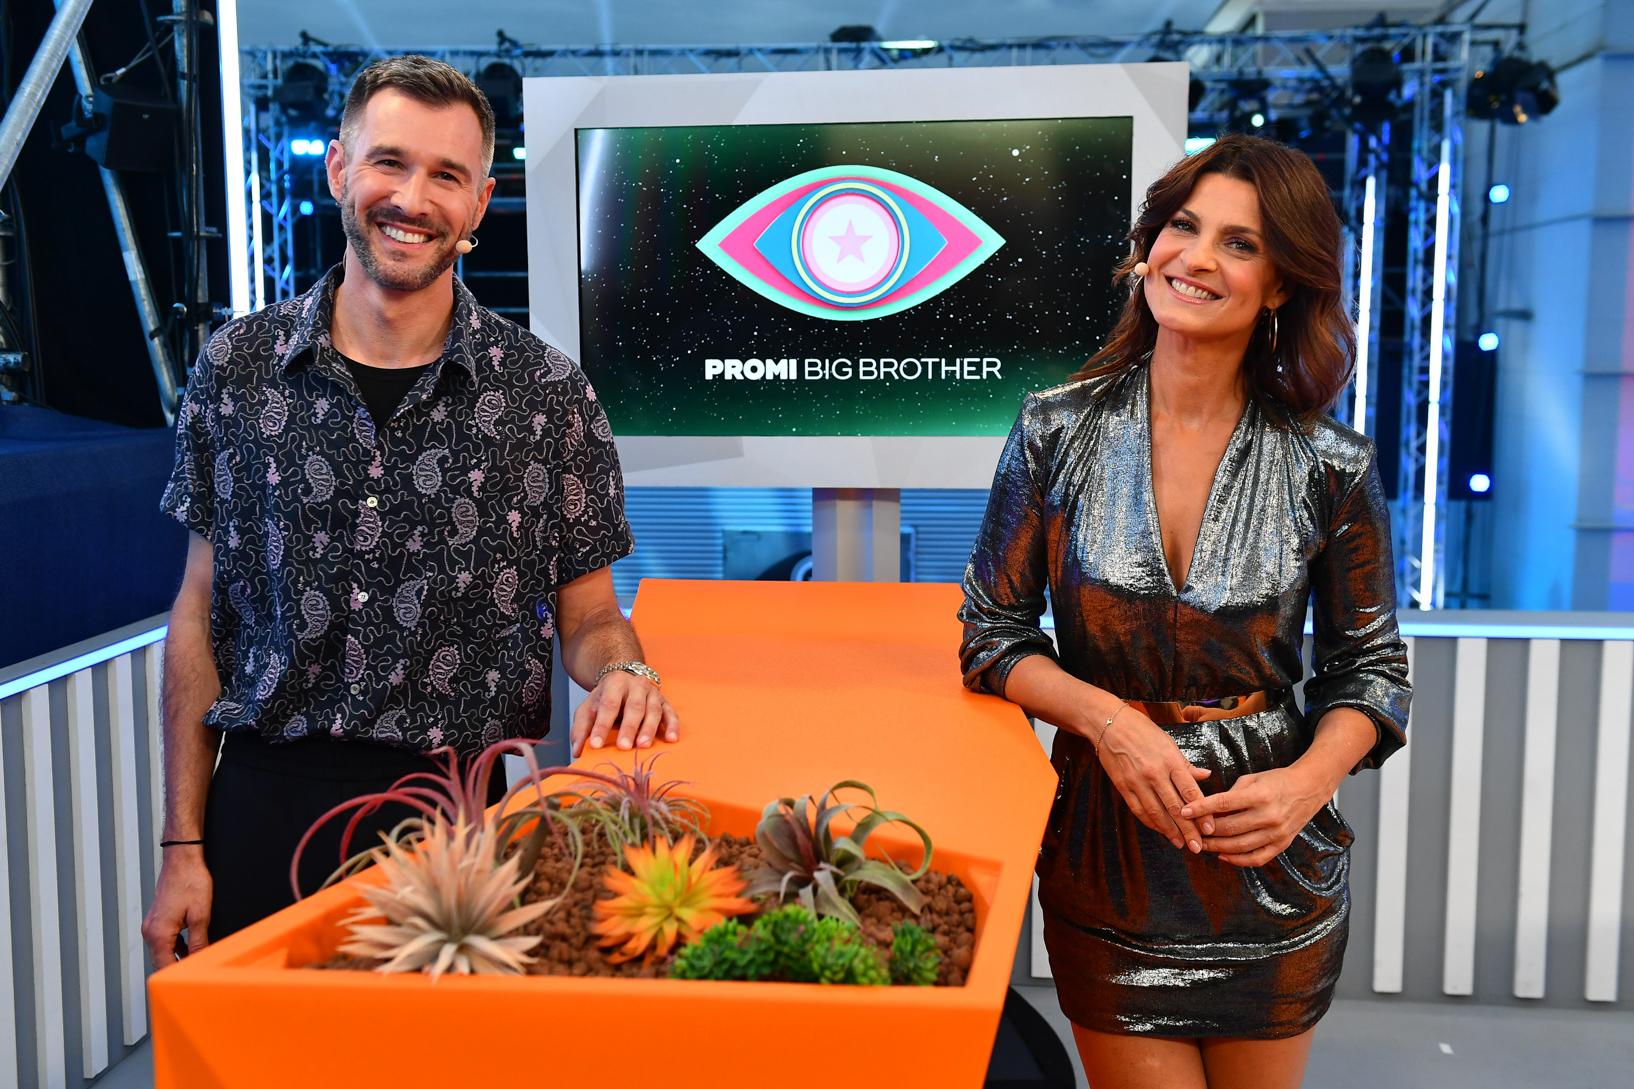 Promi Big Brother 2021 Sendezeiten bis zum Finale